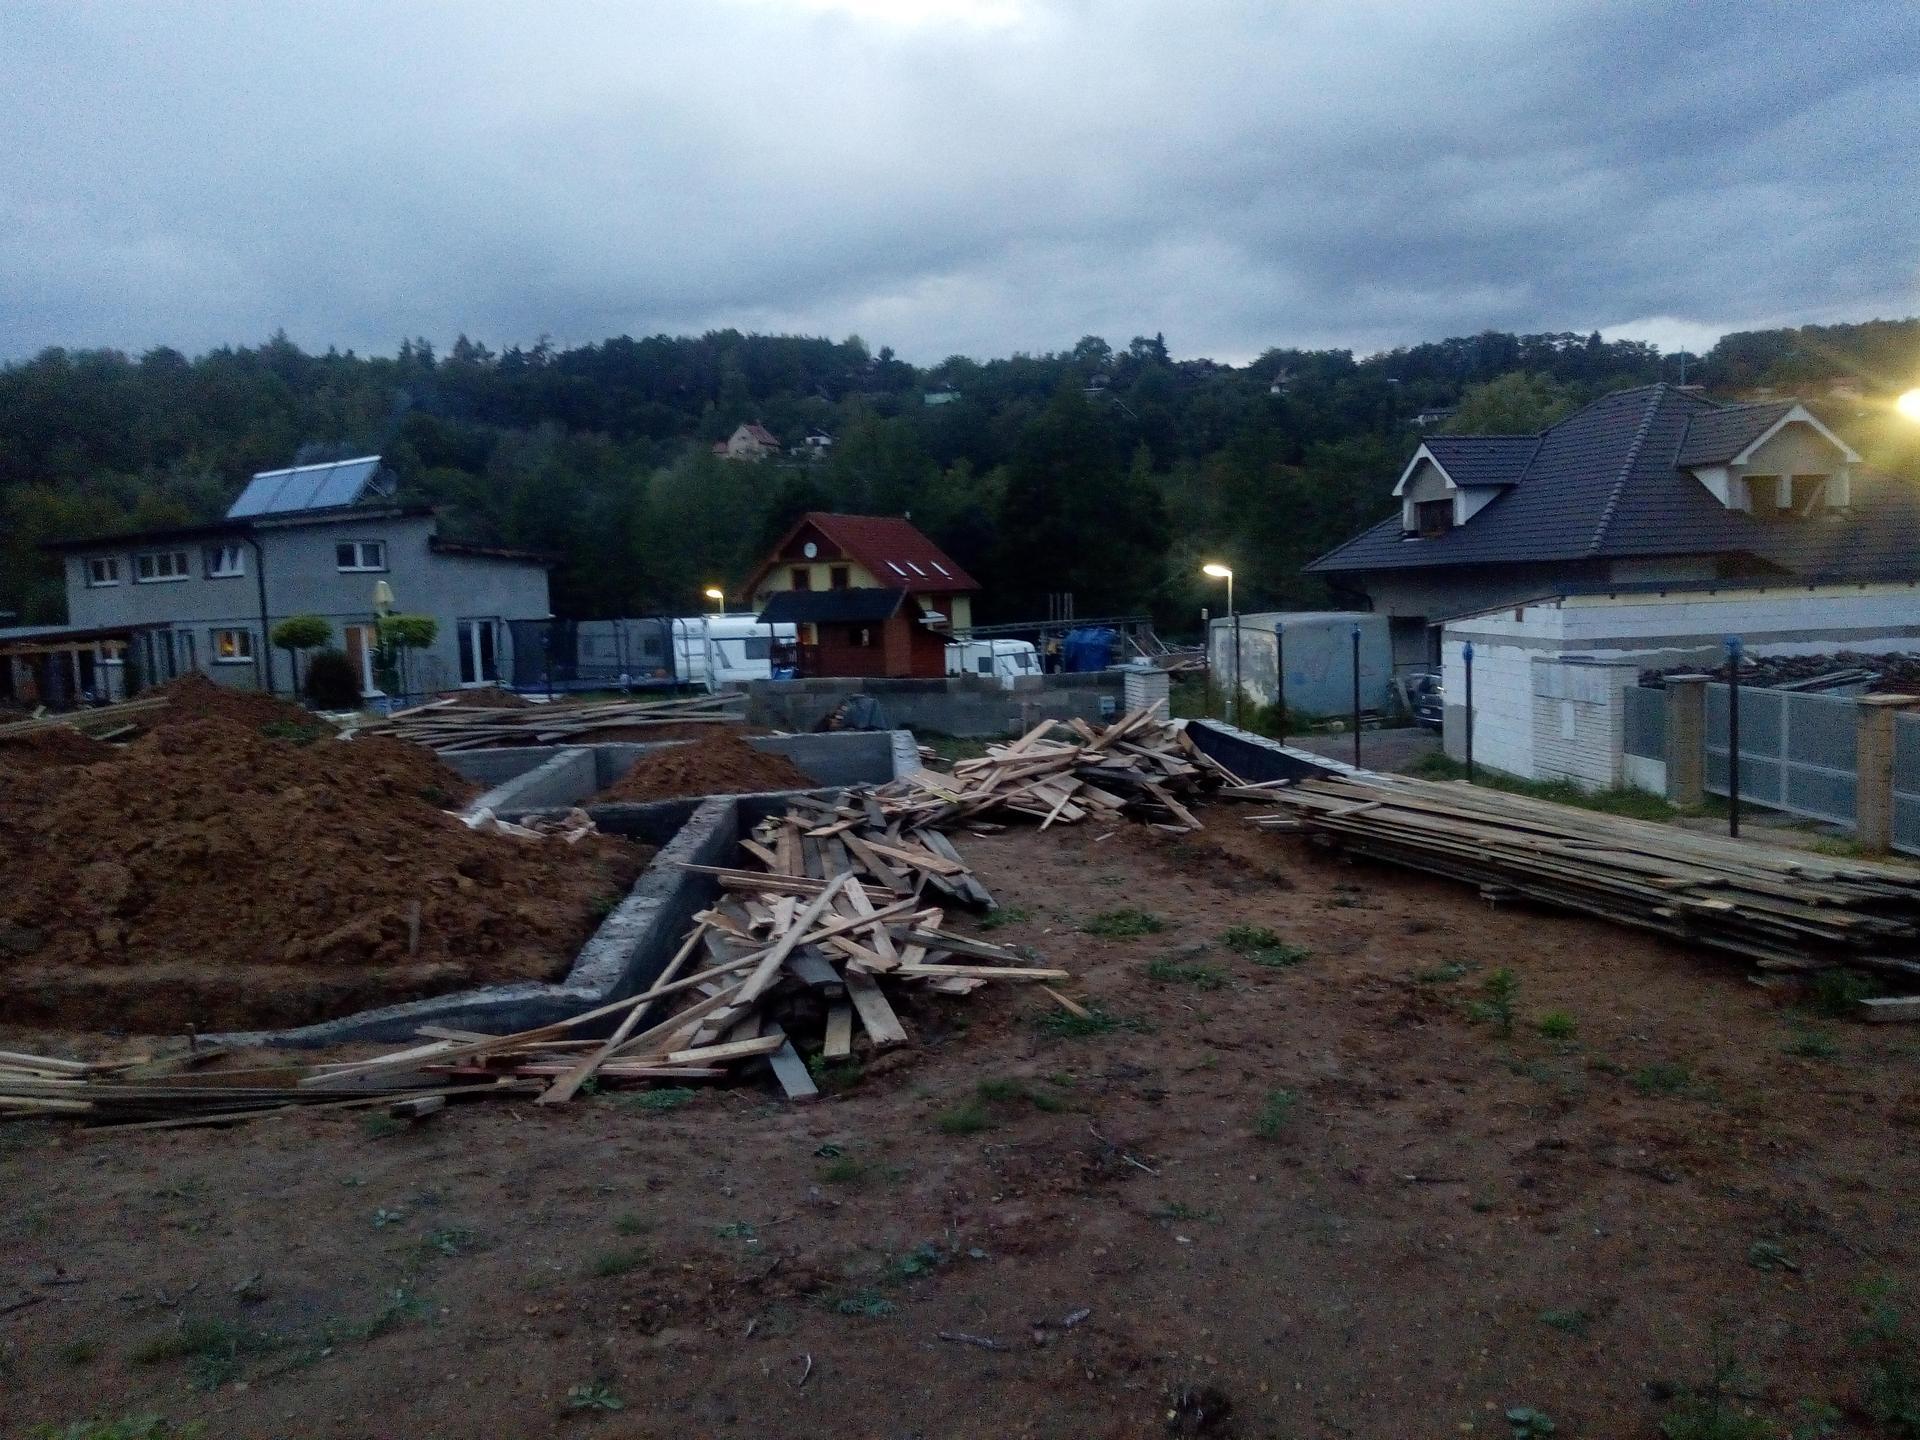 Příprava pozemku, bednění, základy, opěrka, bouda, plot - Obrázek č. 44